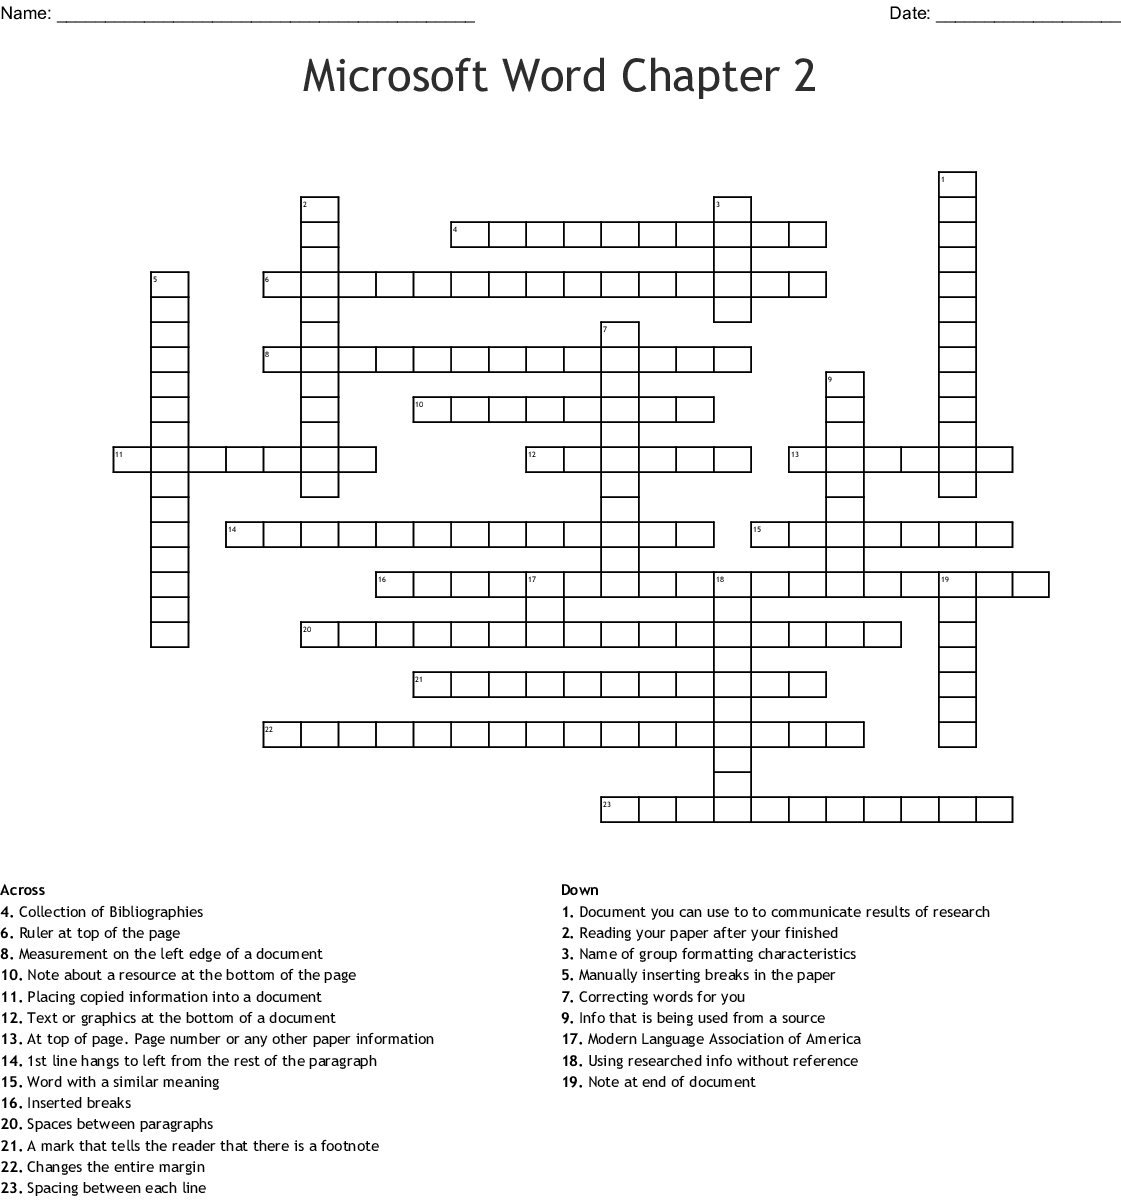 Microsoft Word Chapter 2 Crossword - WordMint